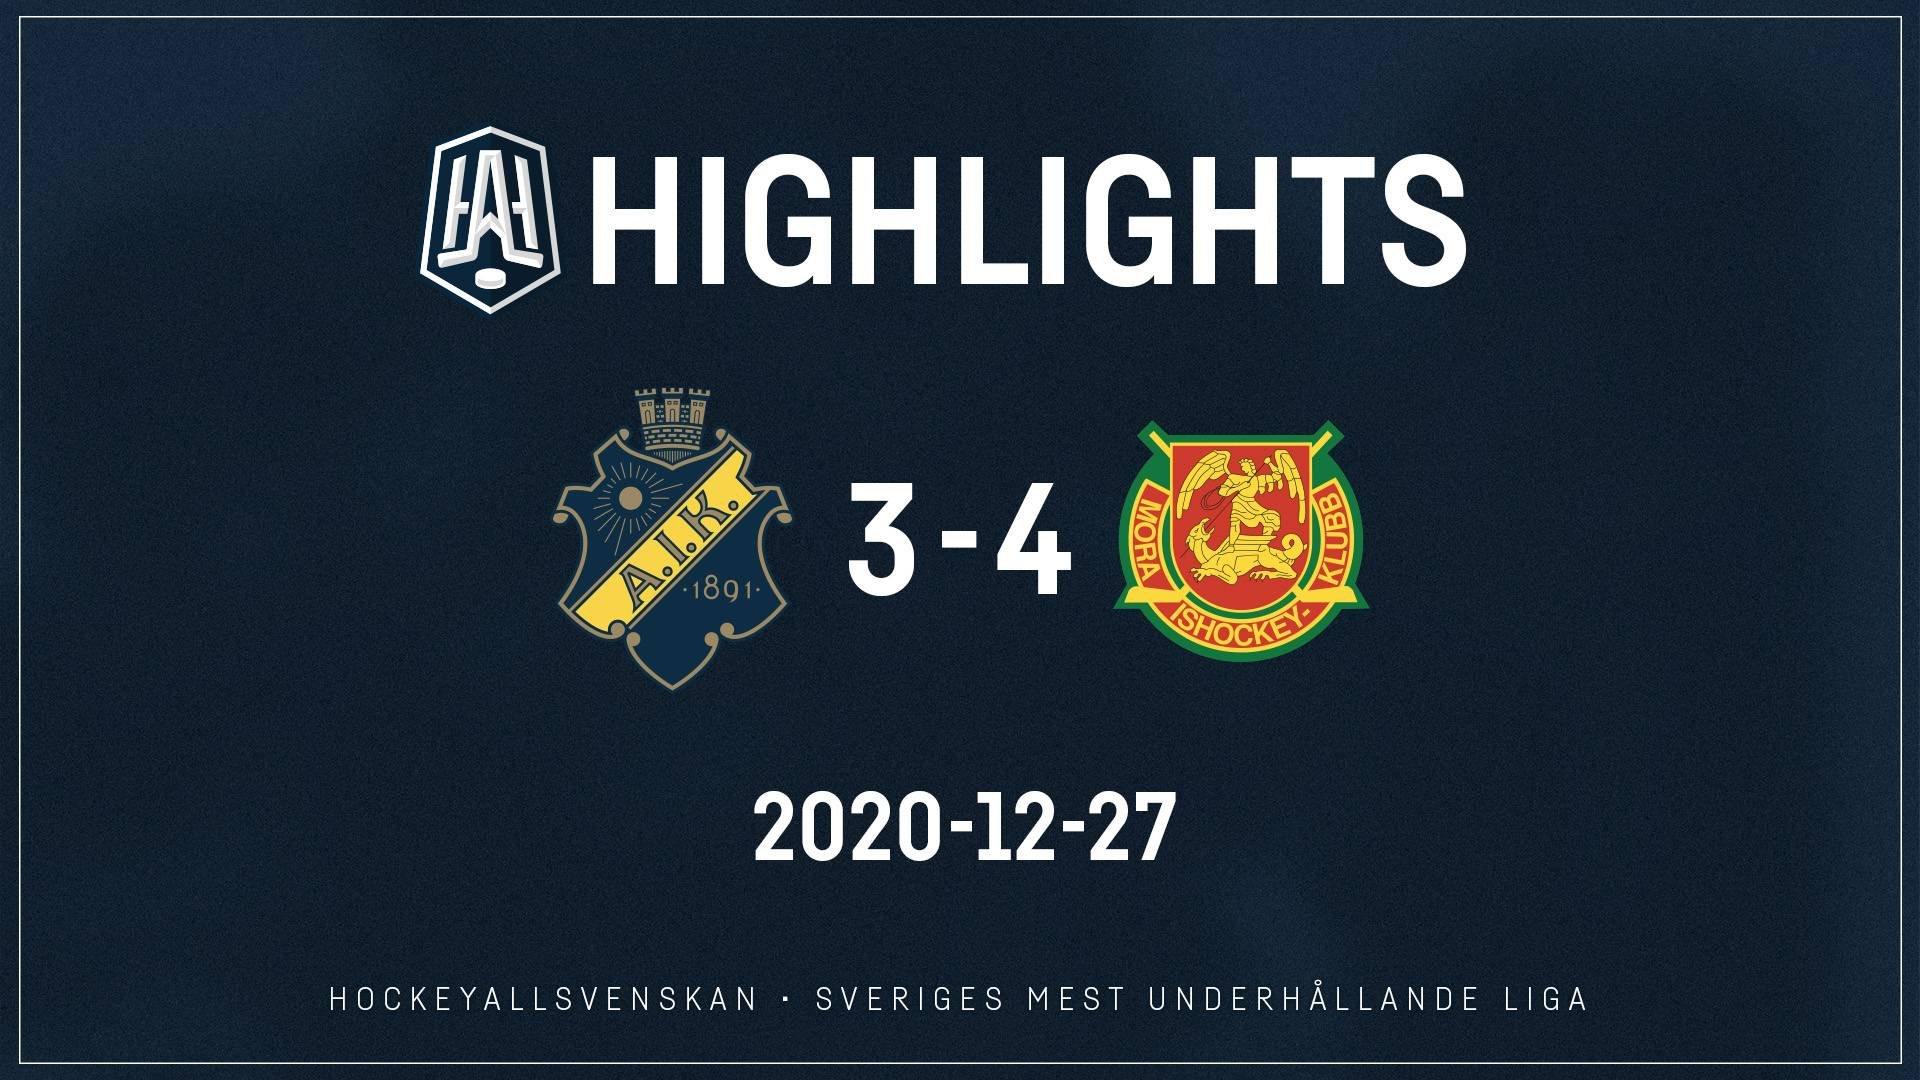 2020-12-27 AIK - Mora 3-4